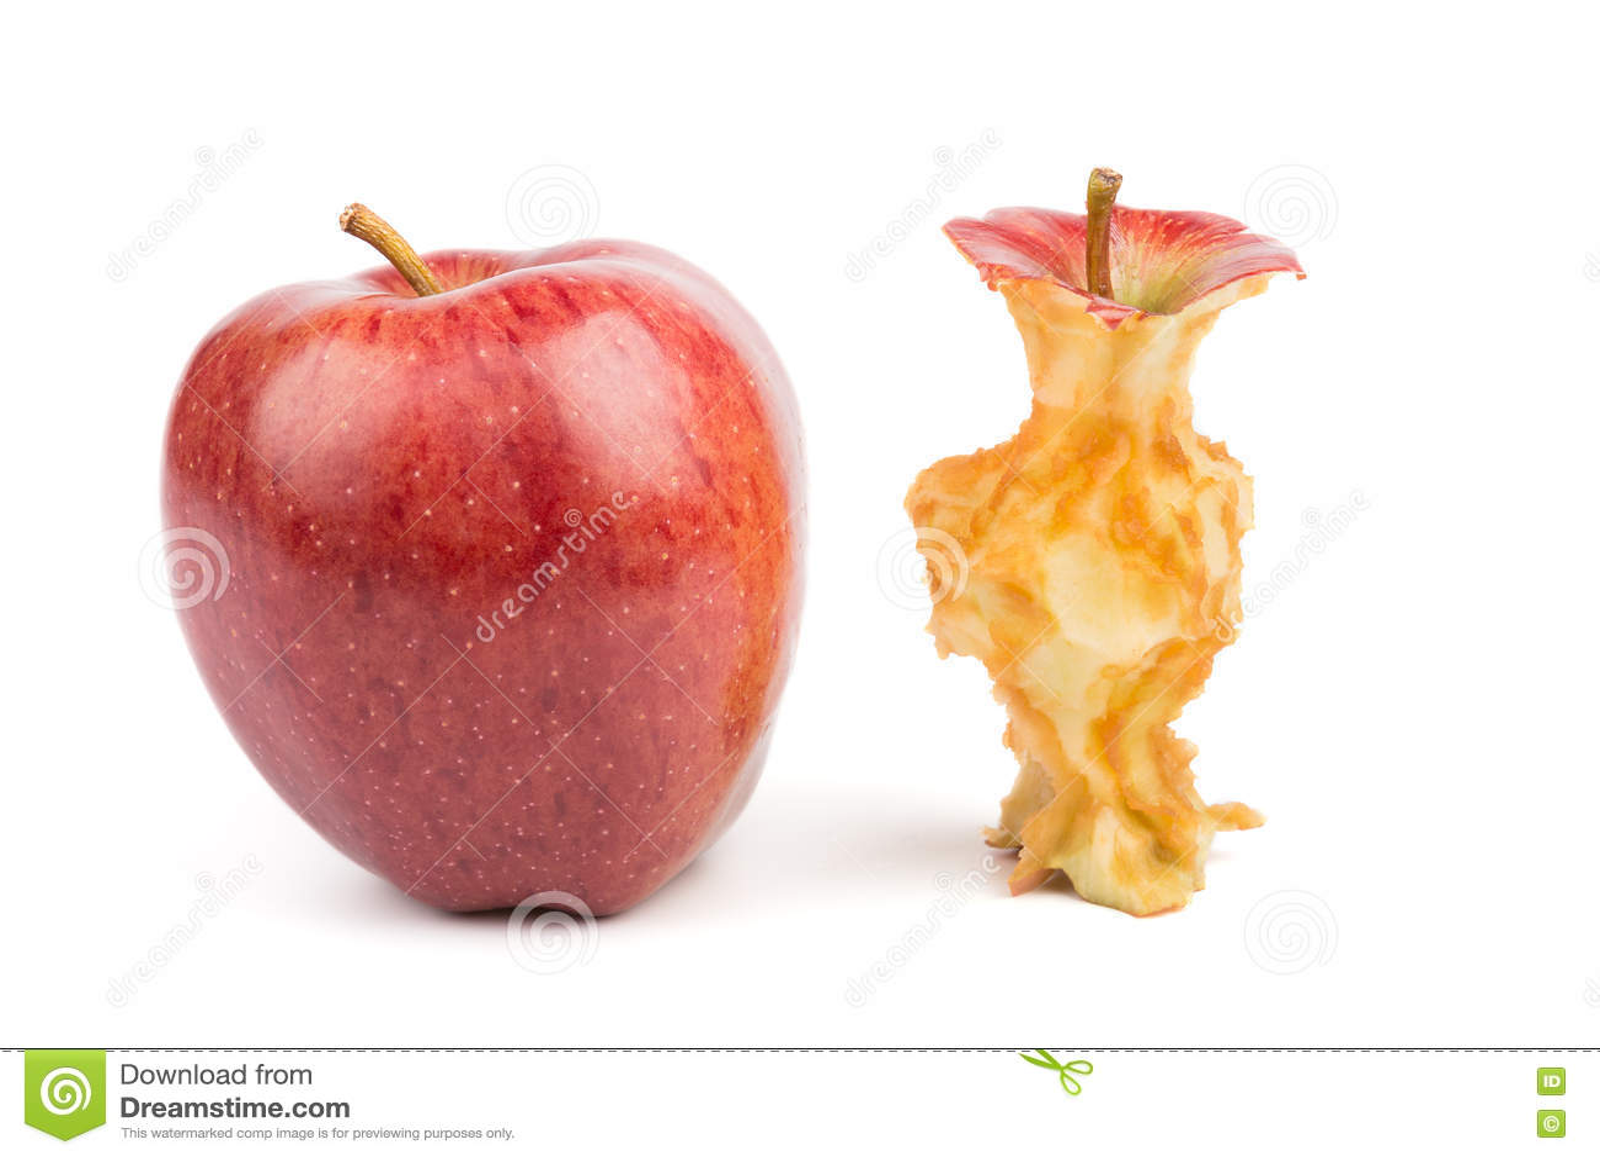 Manzanas enteras y comidas aislado imagen de archivo - Pure de castanas y manzana ...